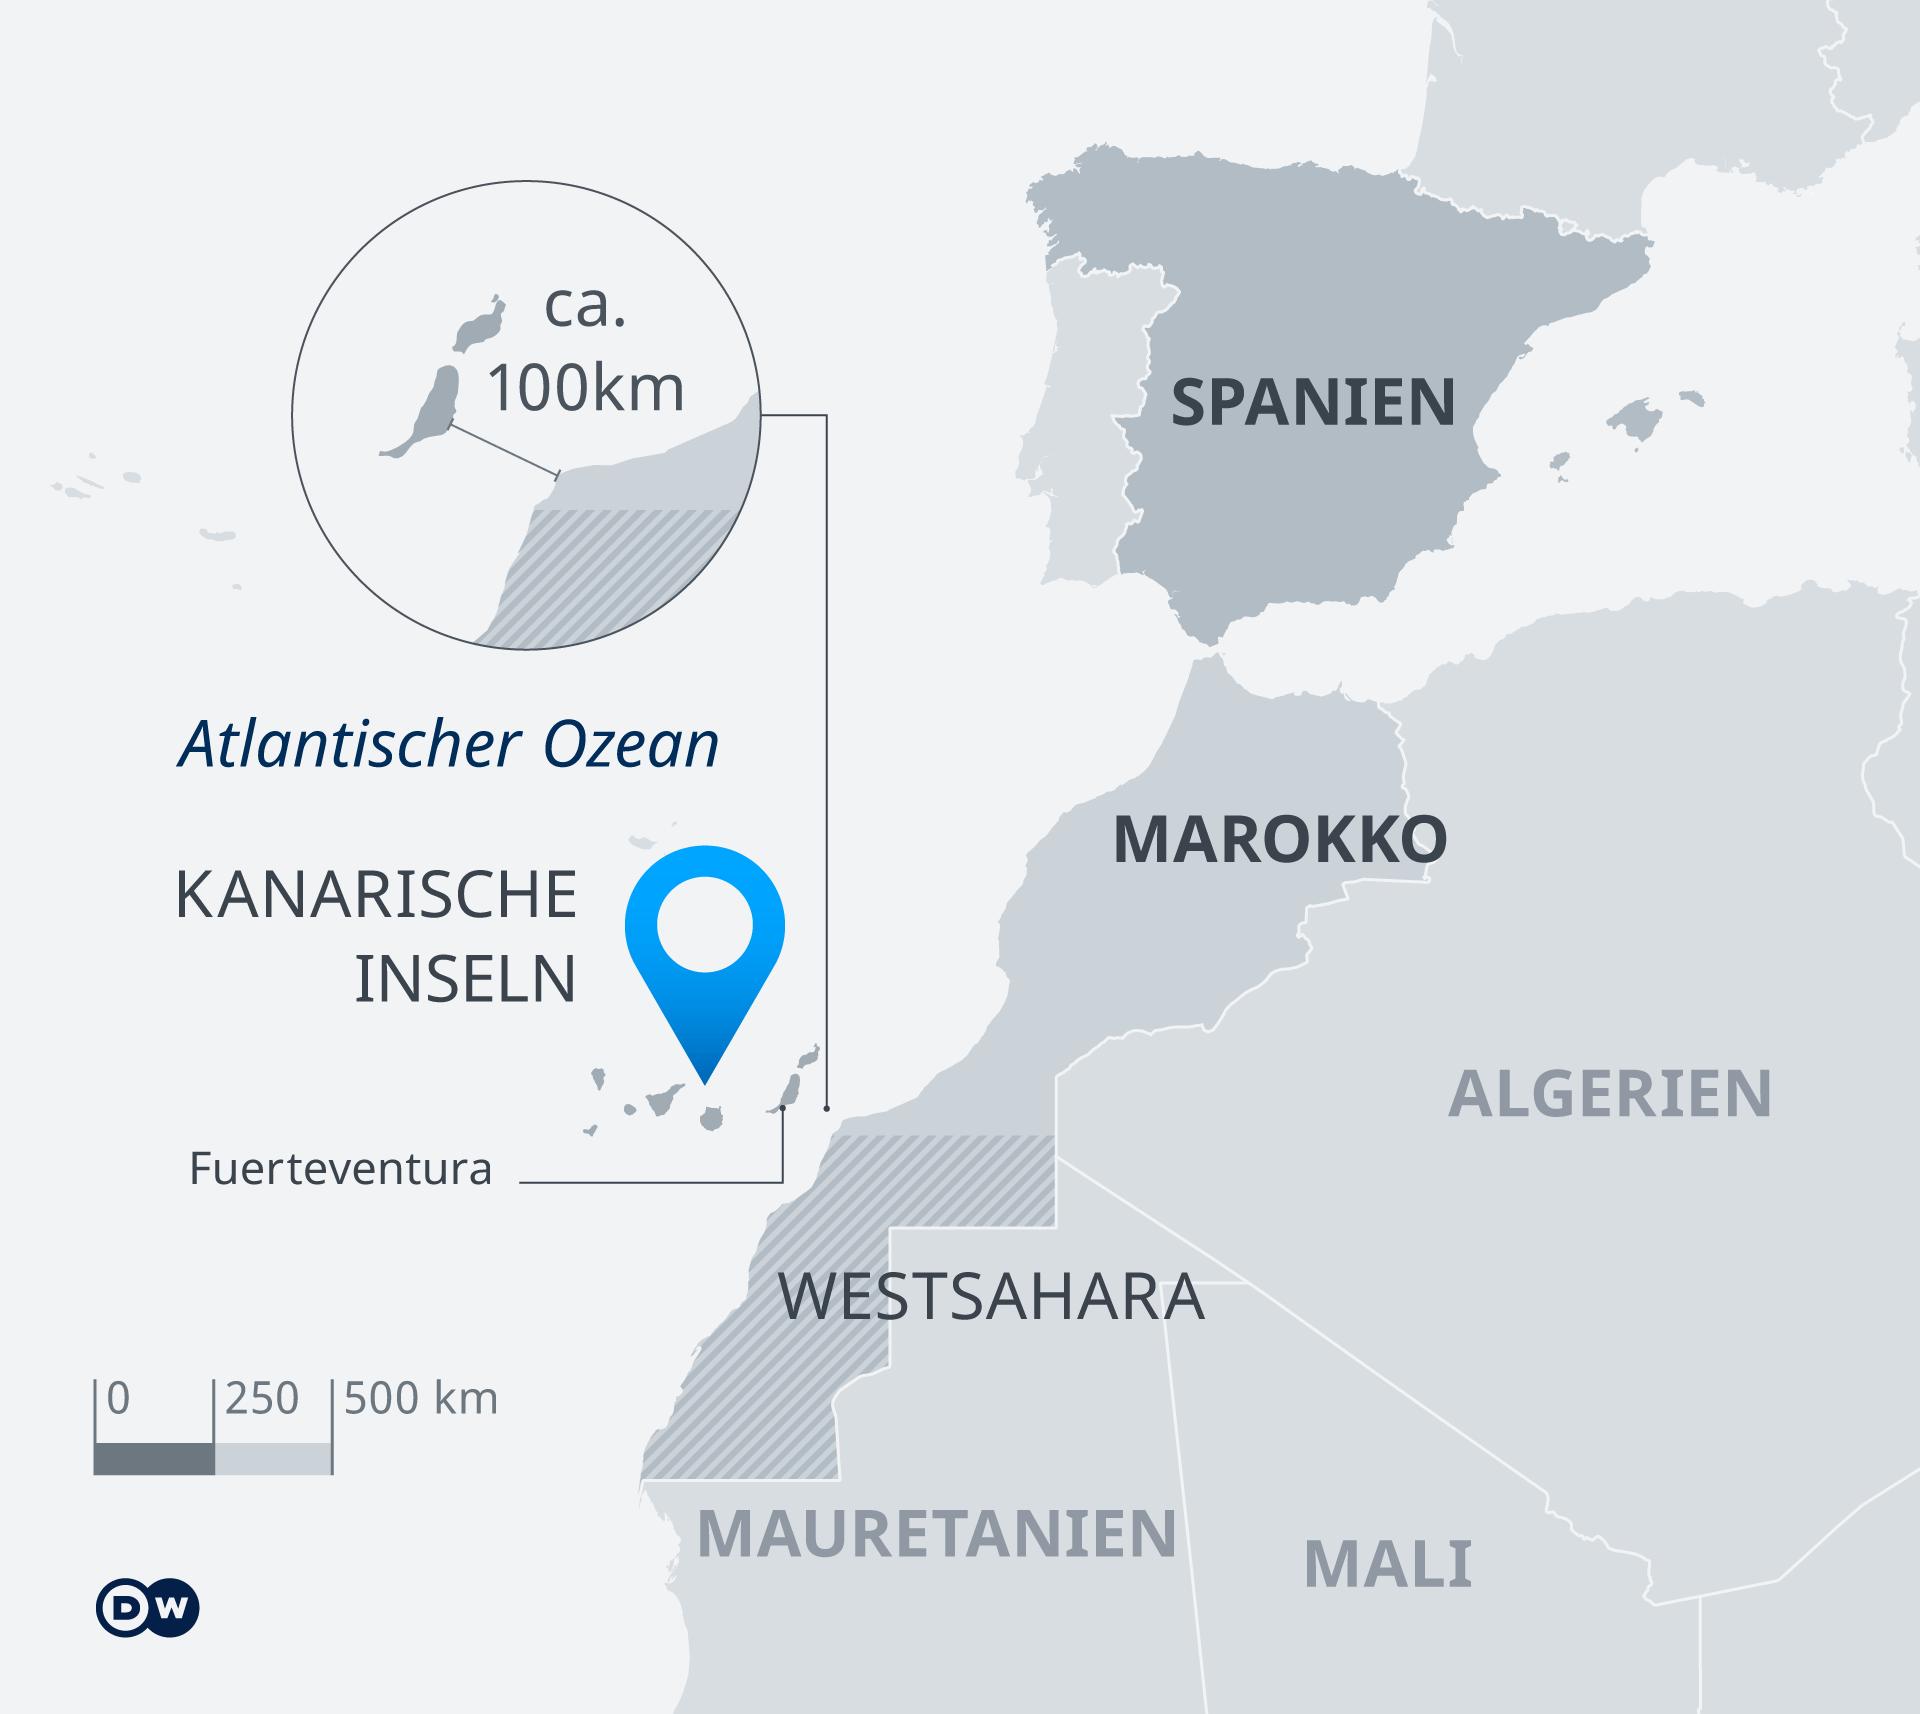 Mapa de las Islas Canarias y destino de escape DE